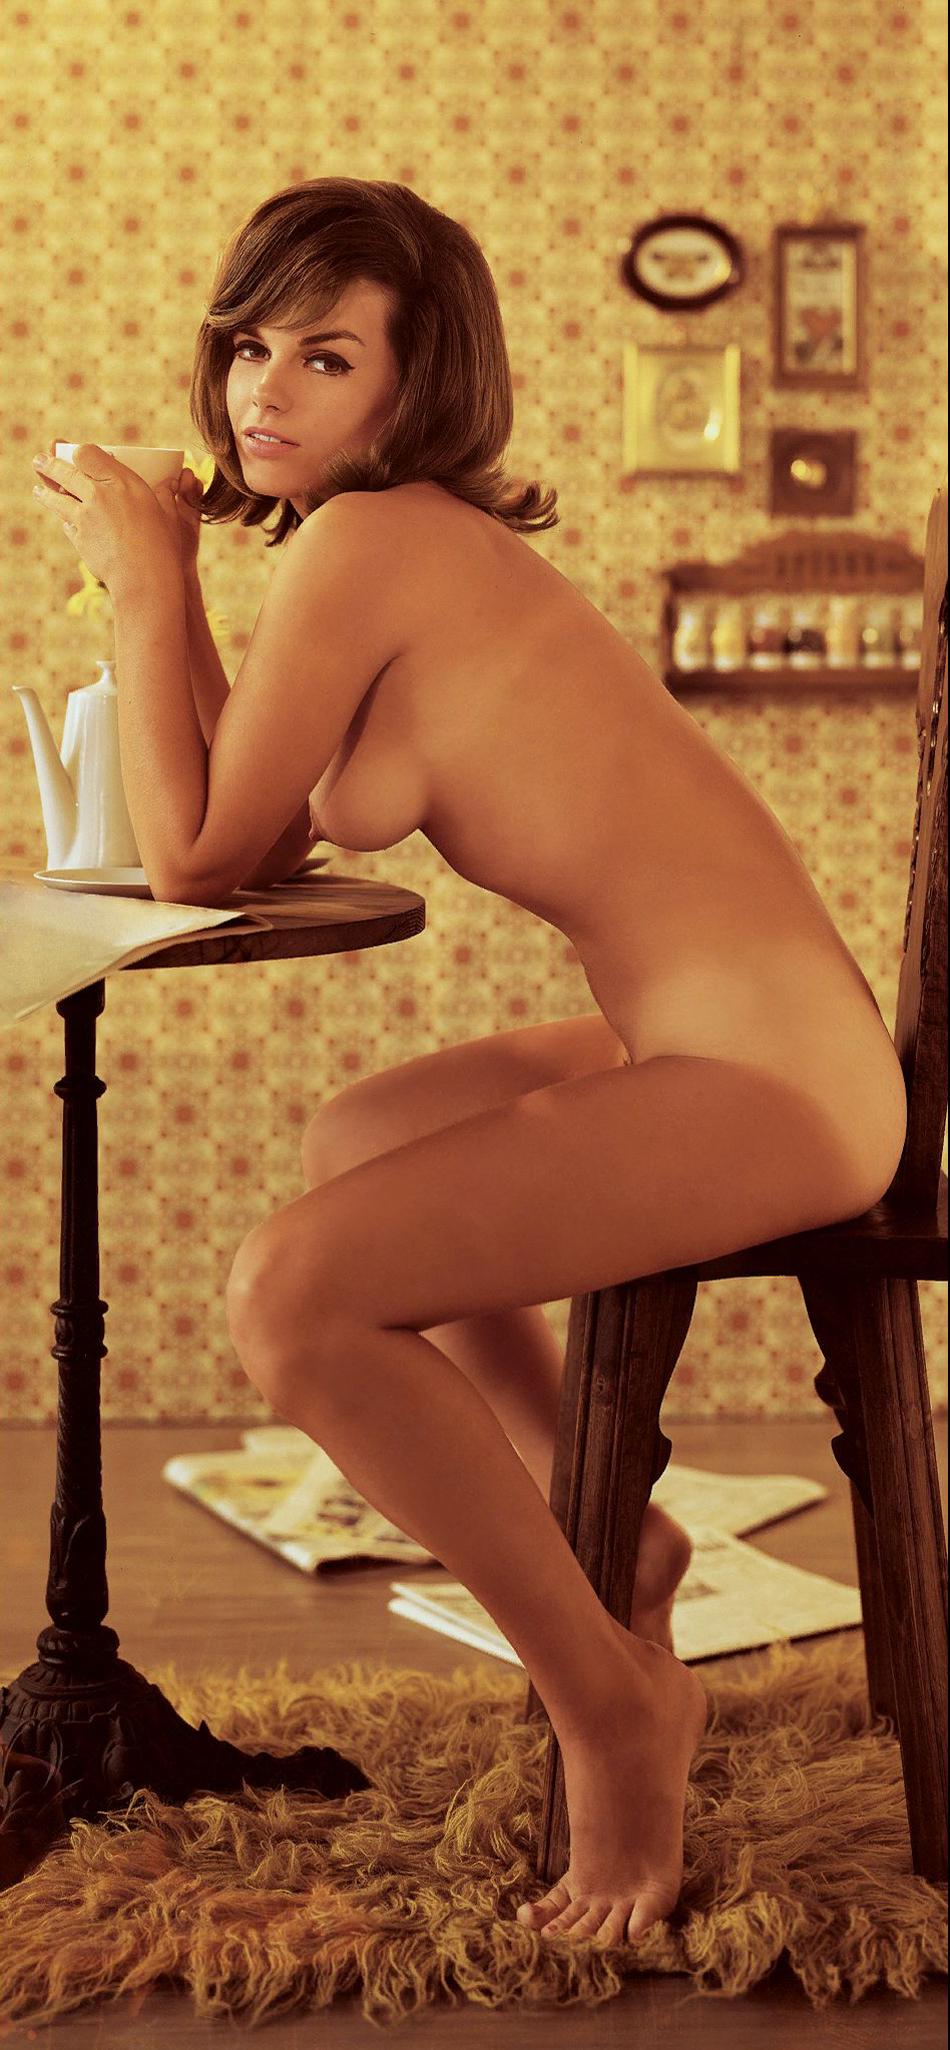 mafiya-i-erotika-foto-goda